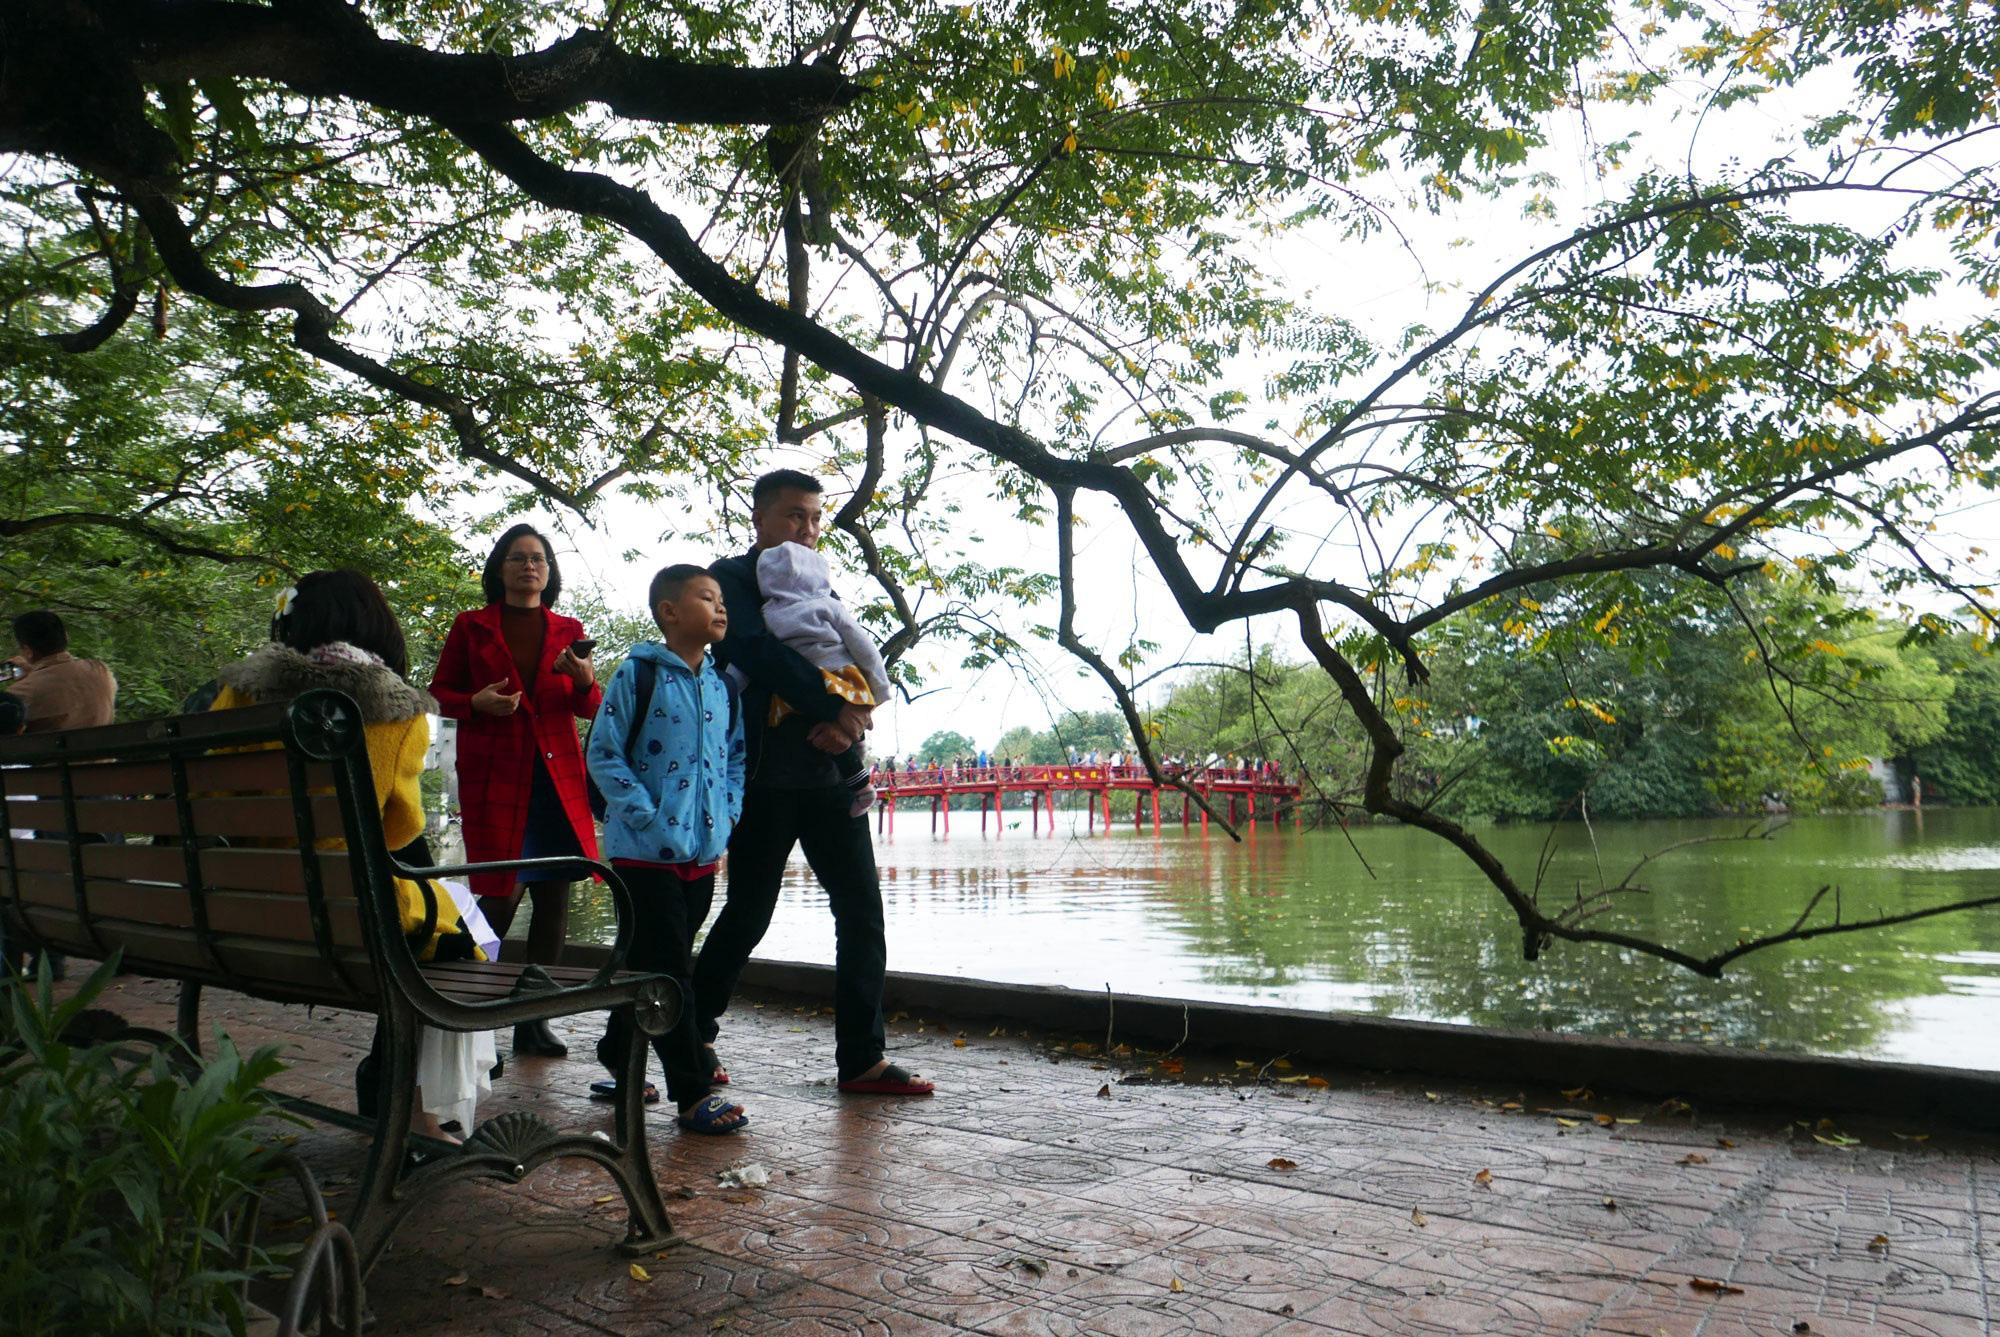 Cảnh lễ đền dưới mưa xuân tuyệt đẹp ở Hà Nội ngày mùng 1 Tết - Ảnh 16.